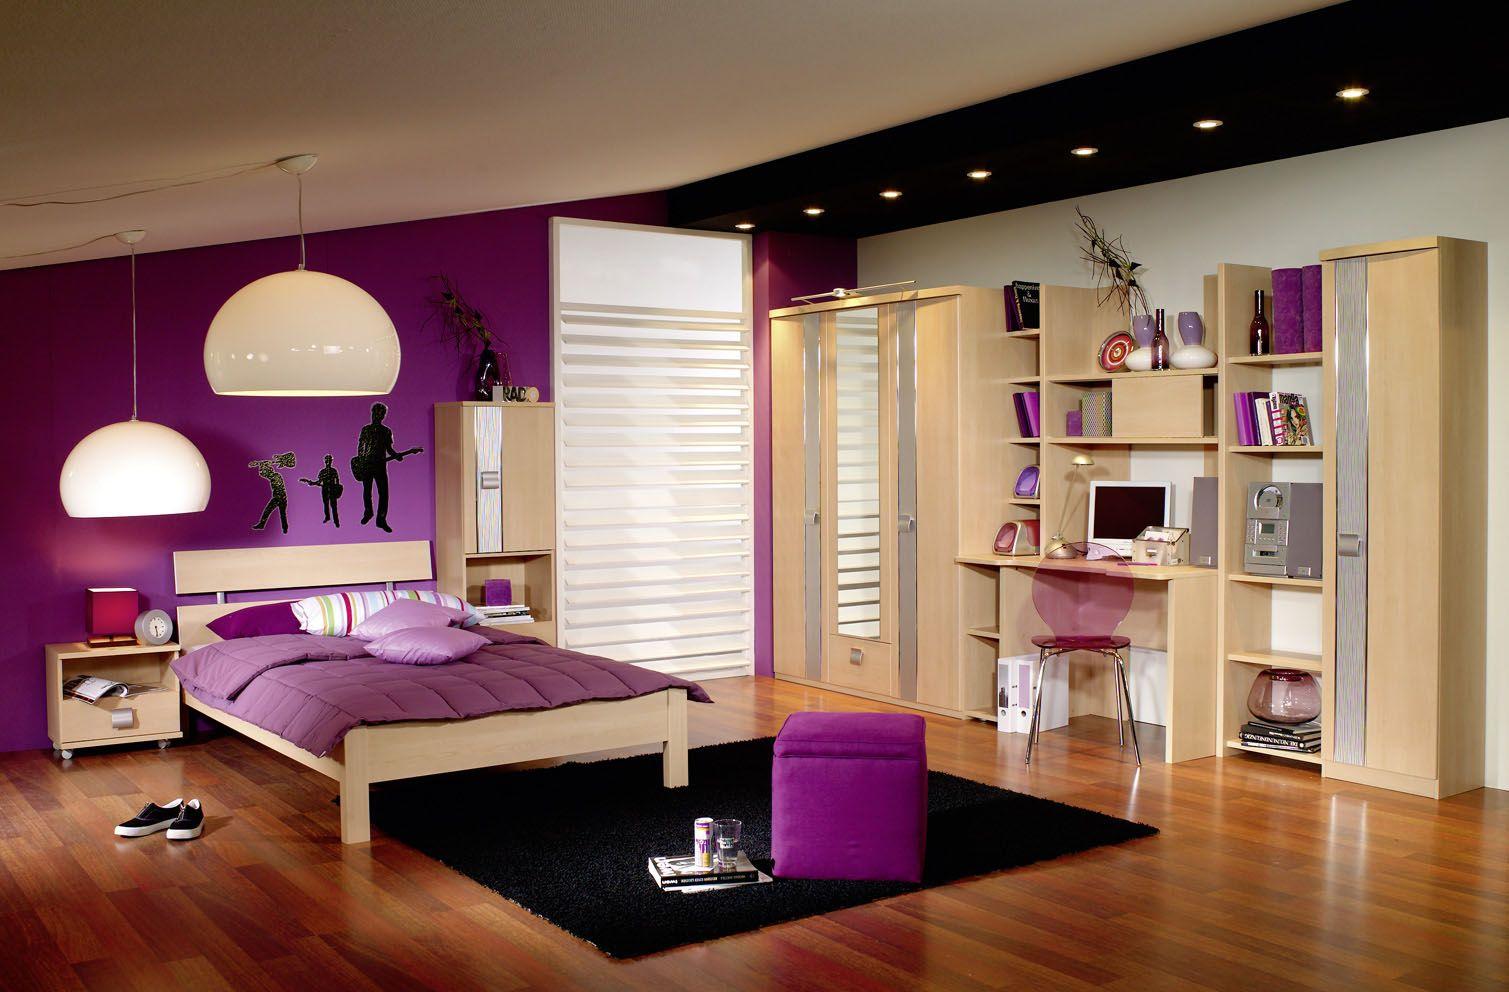 habitaciones para adolescentes mujeres moradas - buscar con google